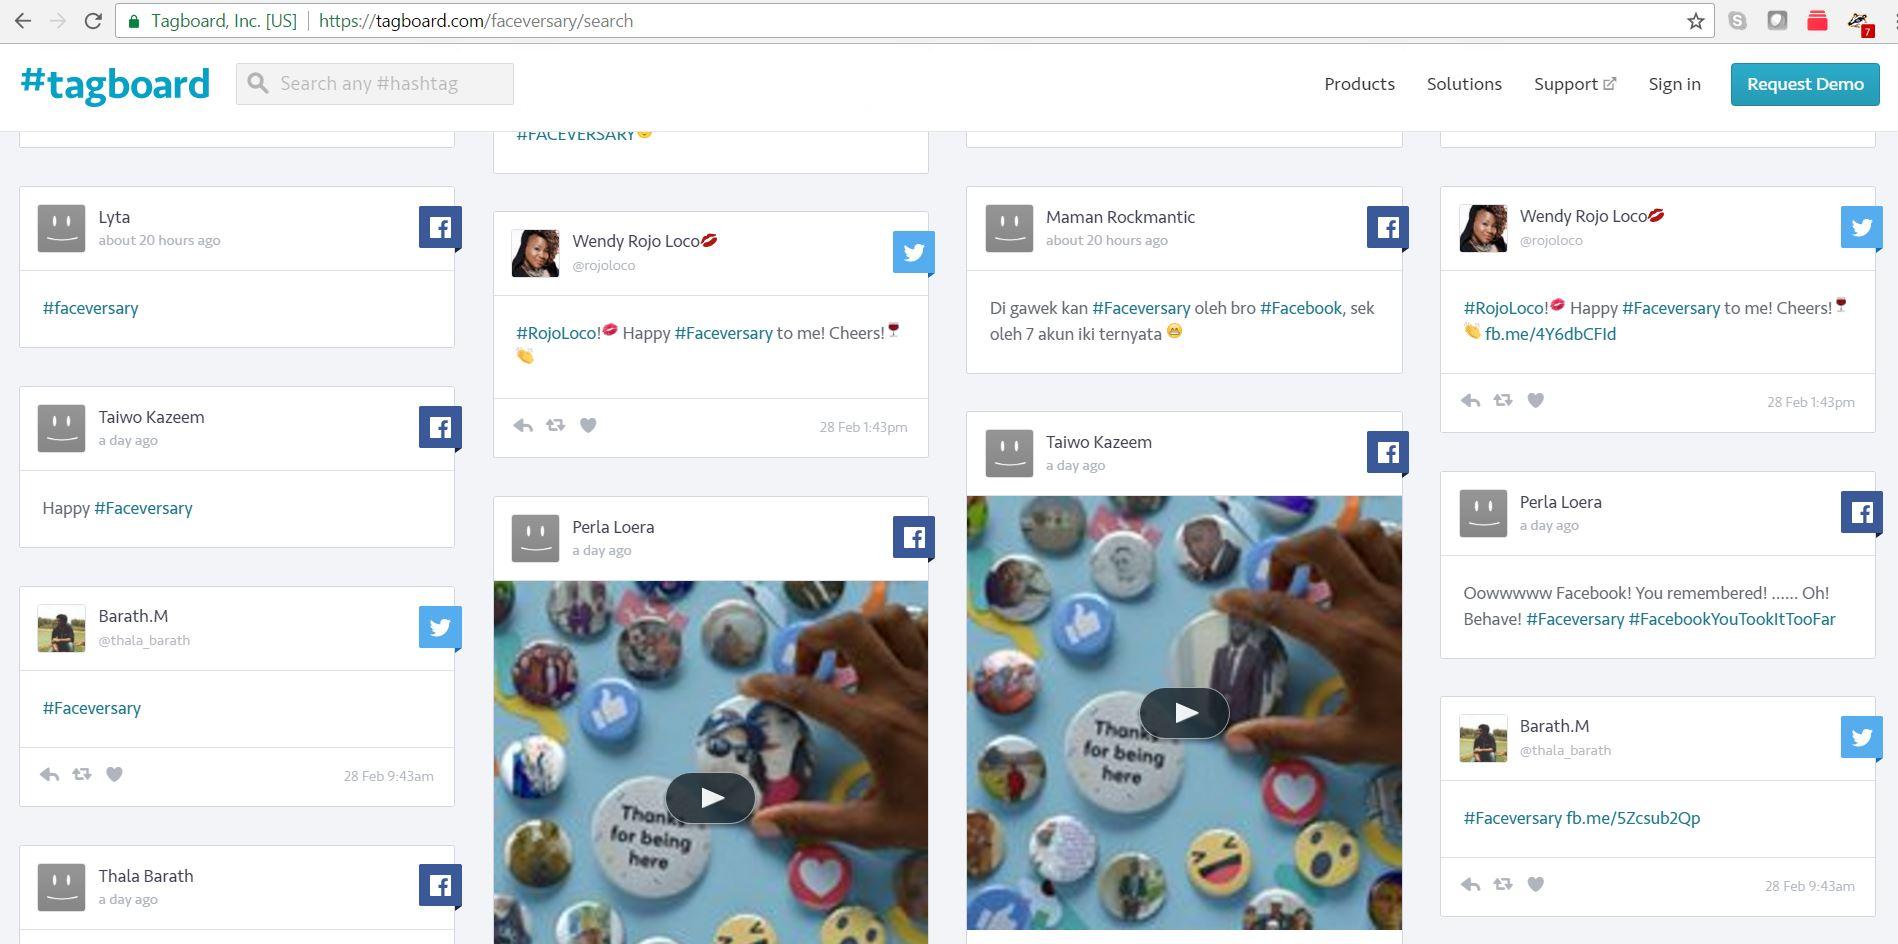 tagboard.com cross platform social media search tool